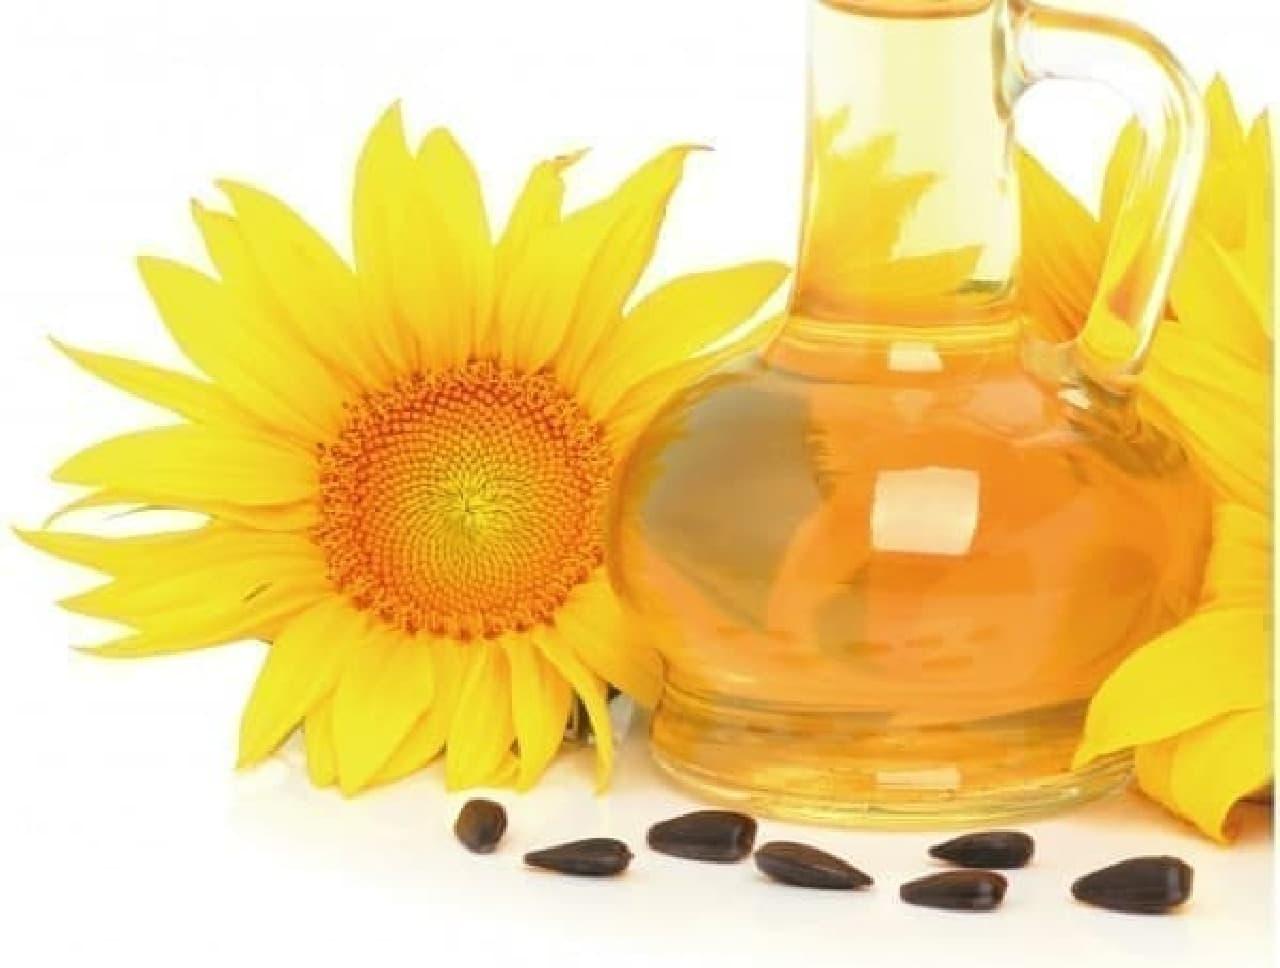 ヒマワリとヒマワリ種子油